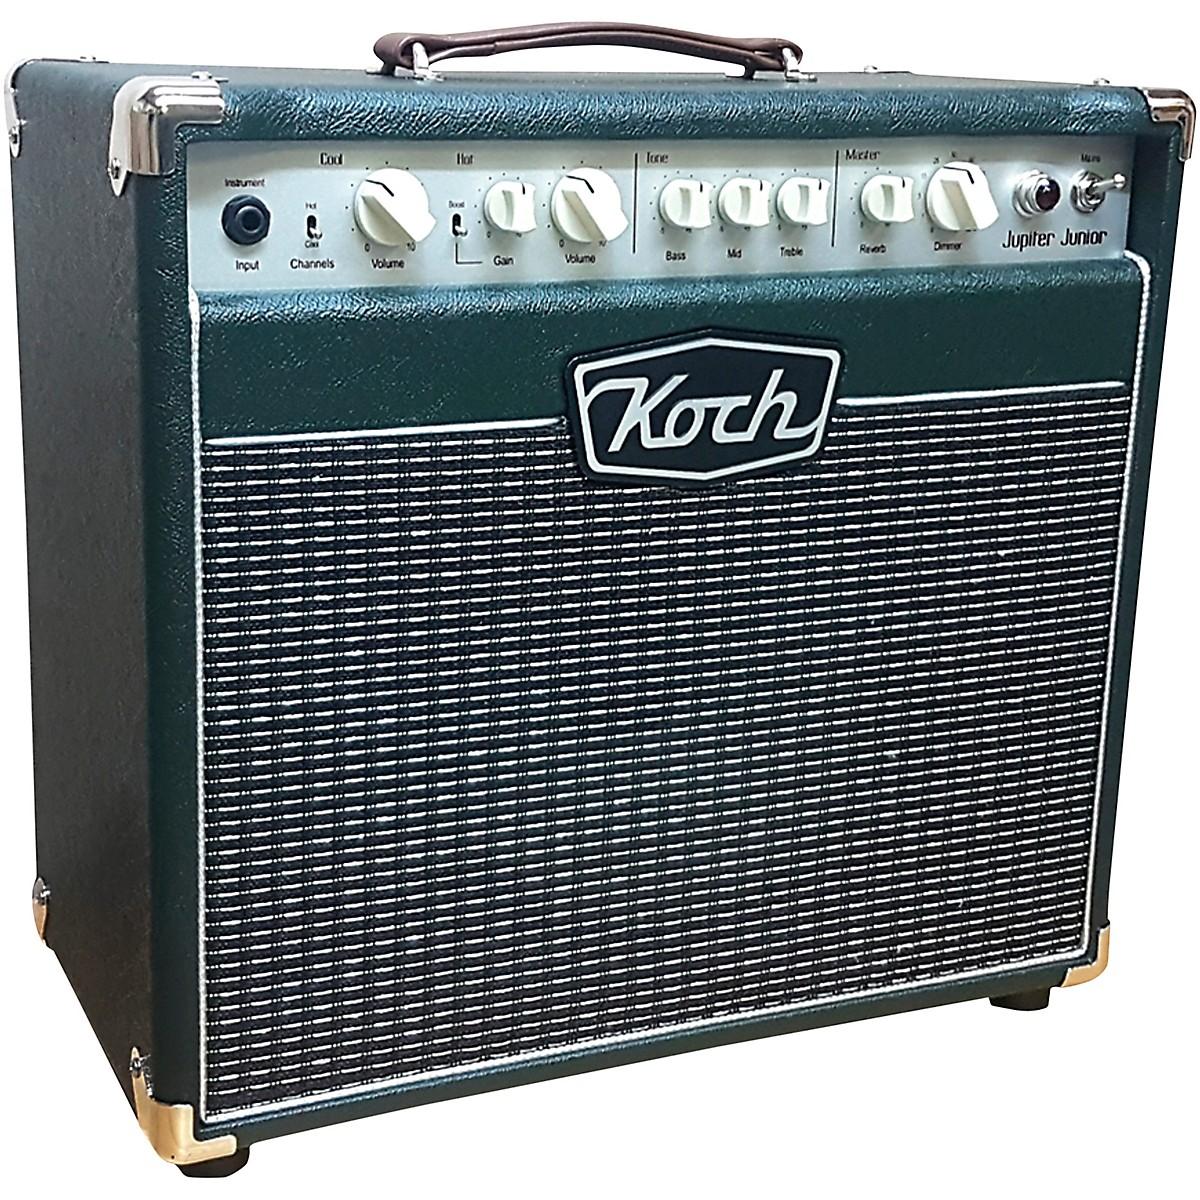 Koch Jupiter Junior 20W 1x10 Tube Hybrid Guitar Combo Amp